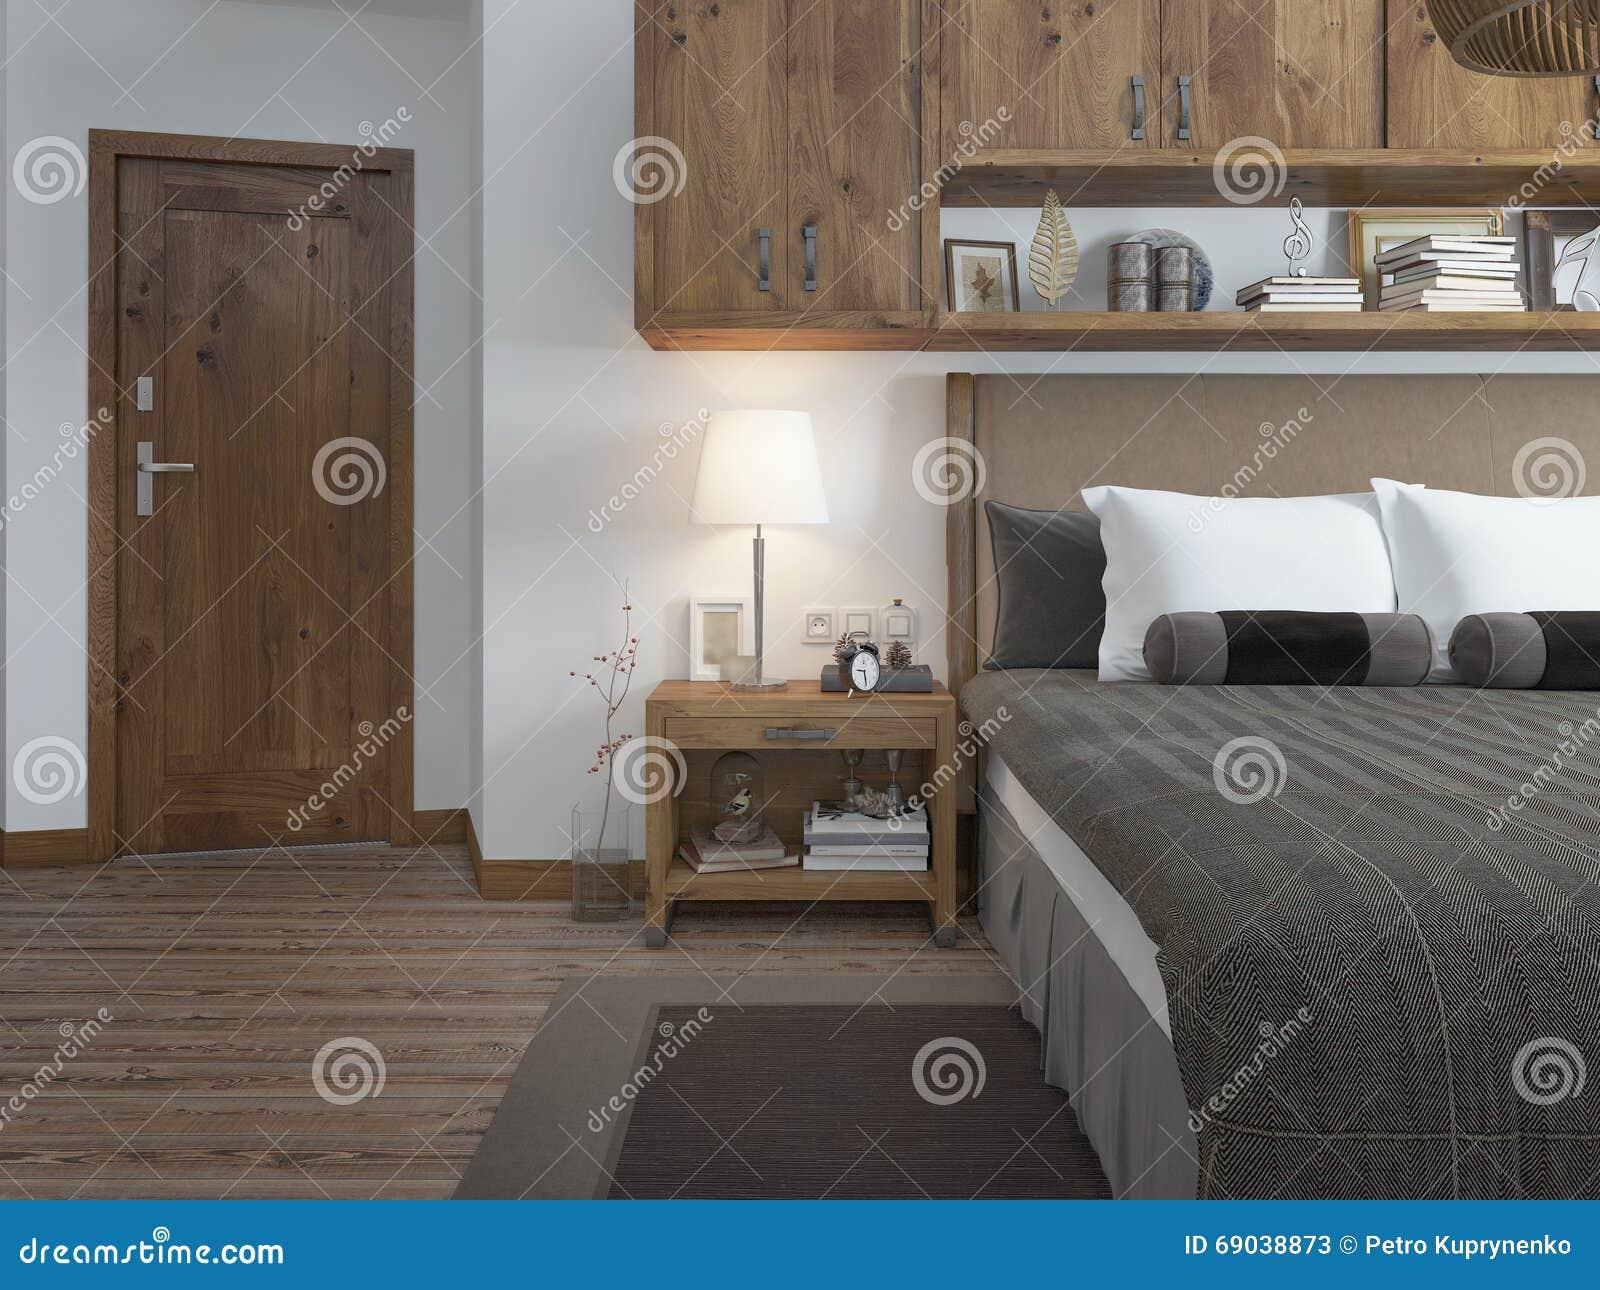 Comò Camera Da Letto Moderna : Camera da letto nello stile moderno con un comodino sul tipo della